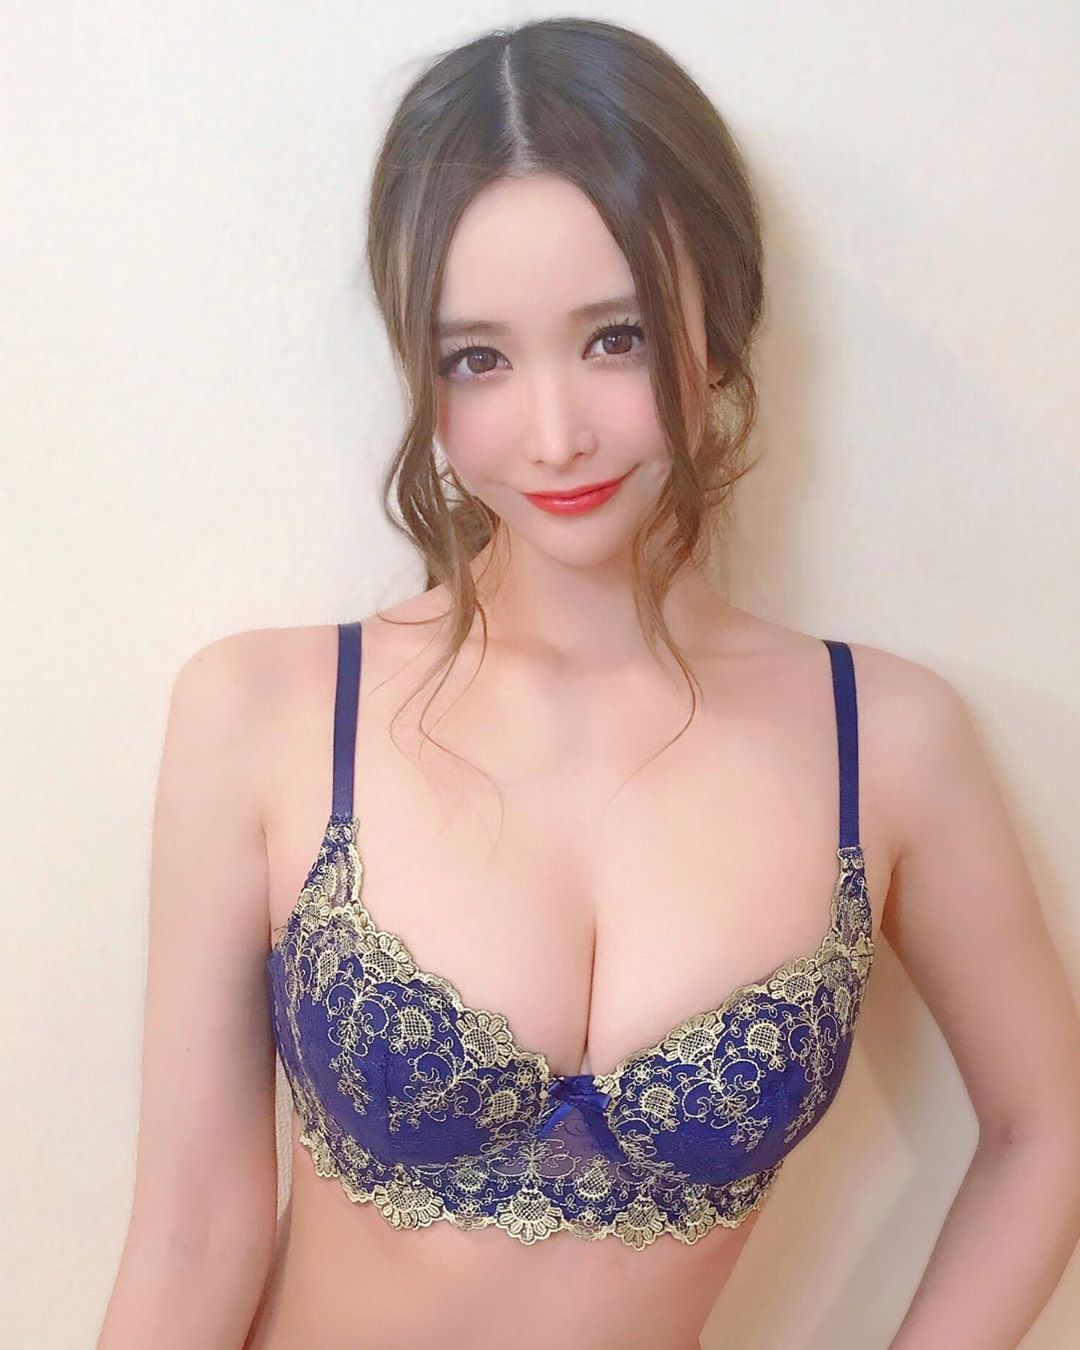 yoshimi_iyo198.jpg